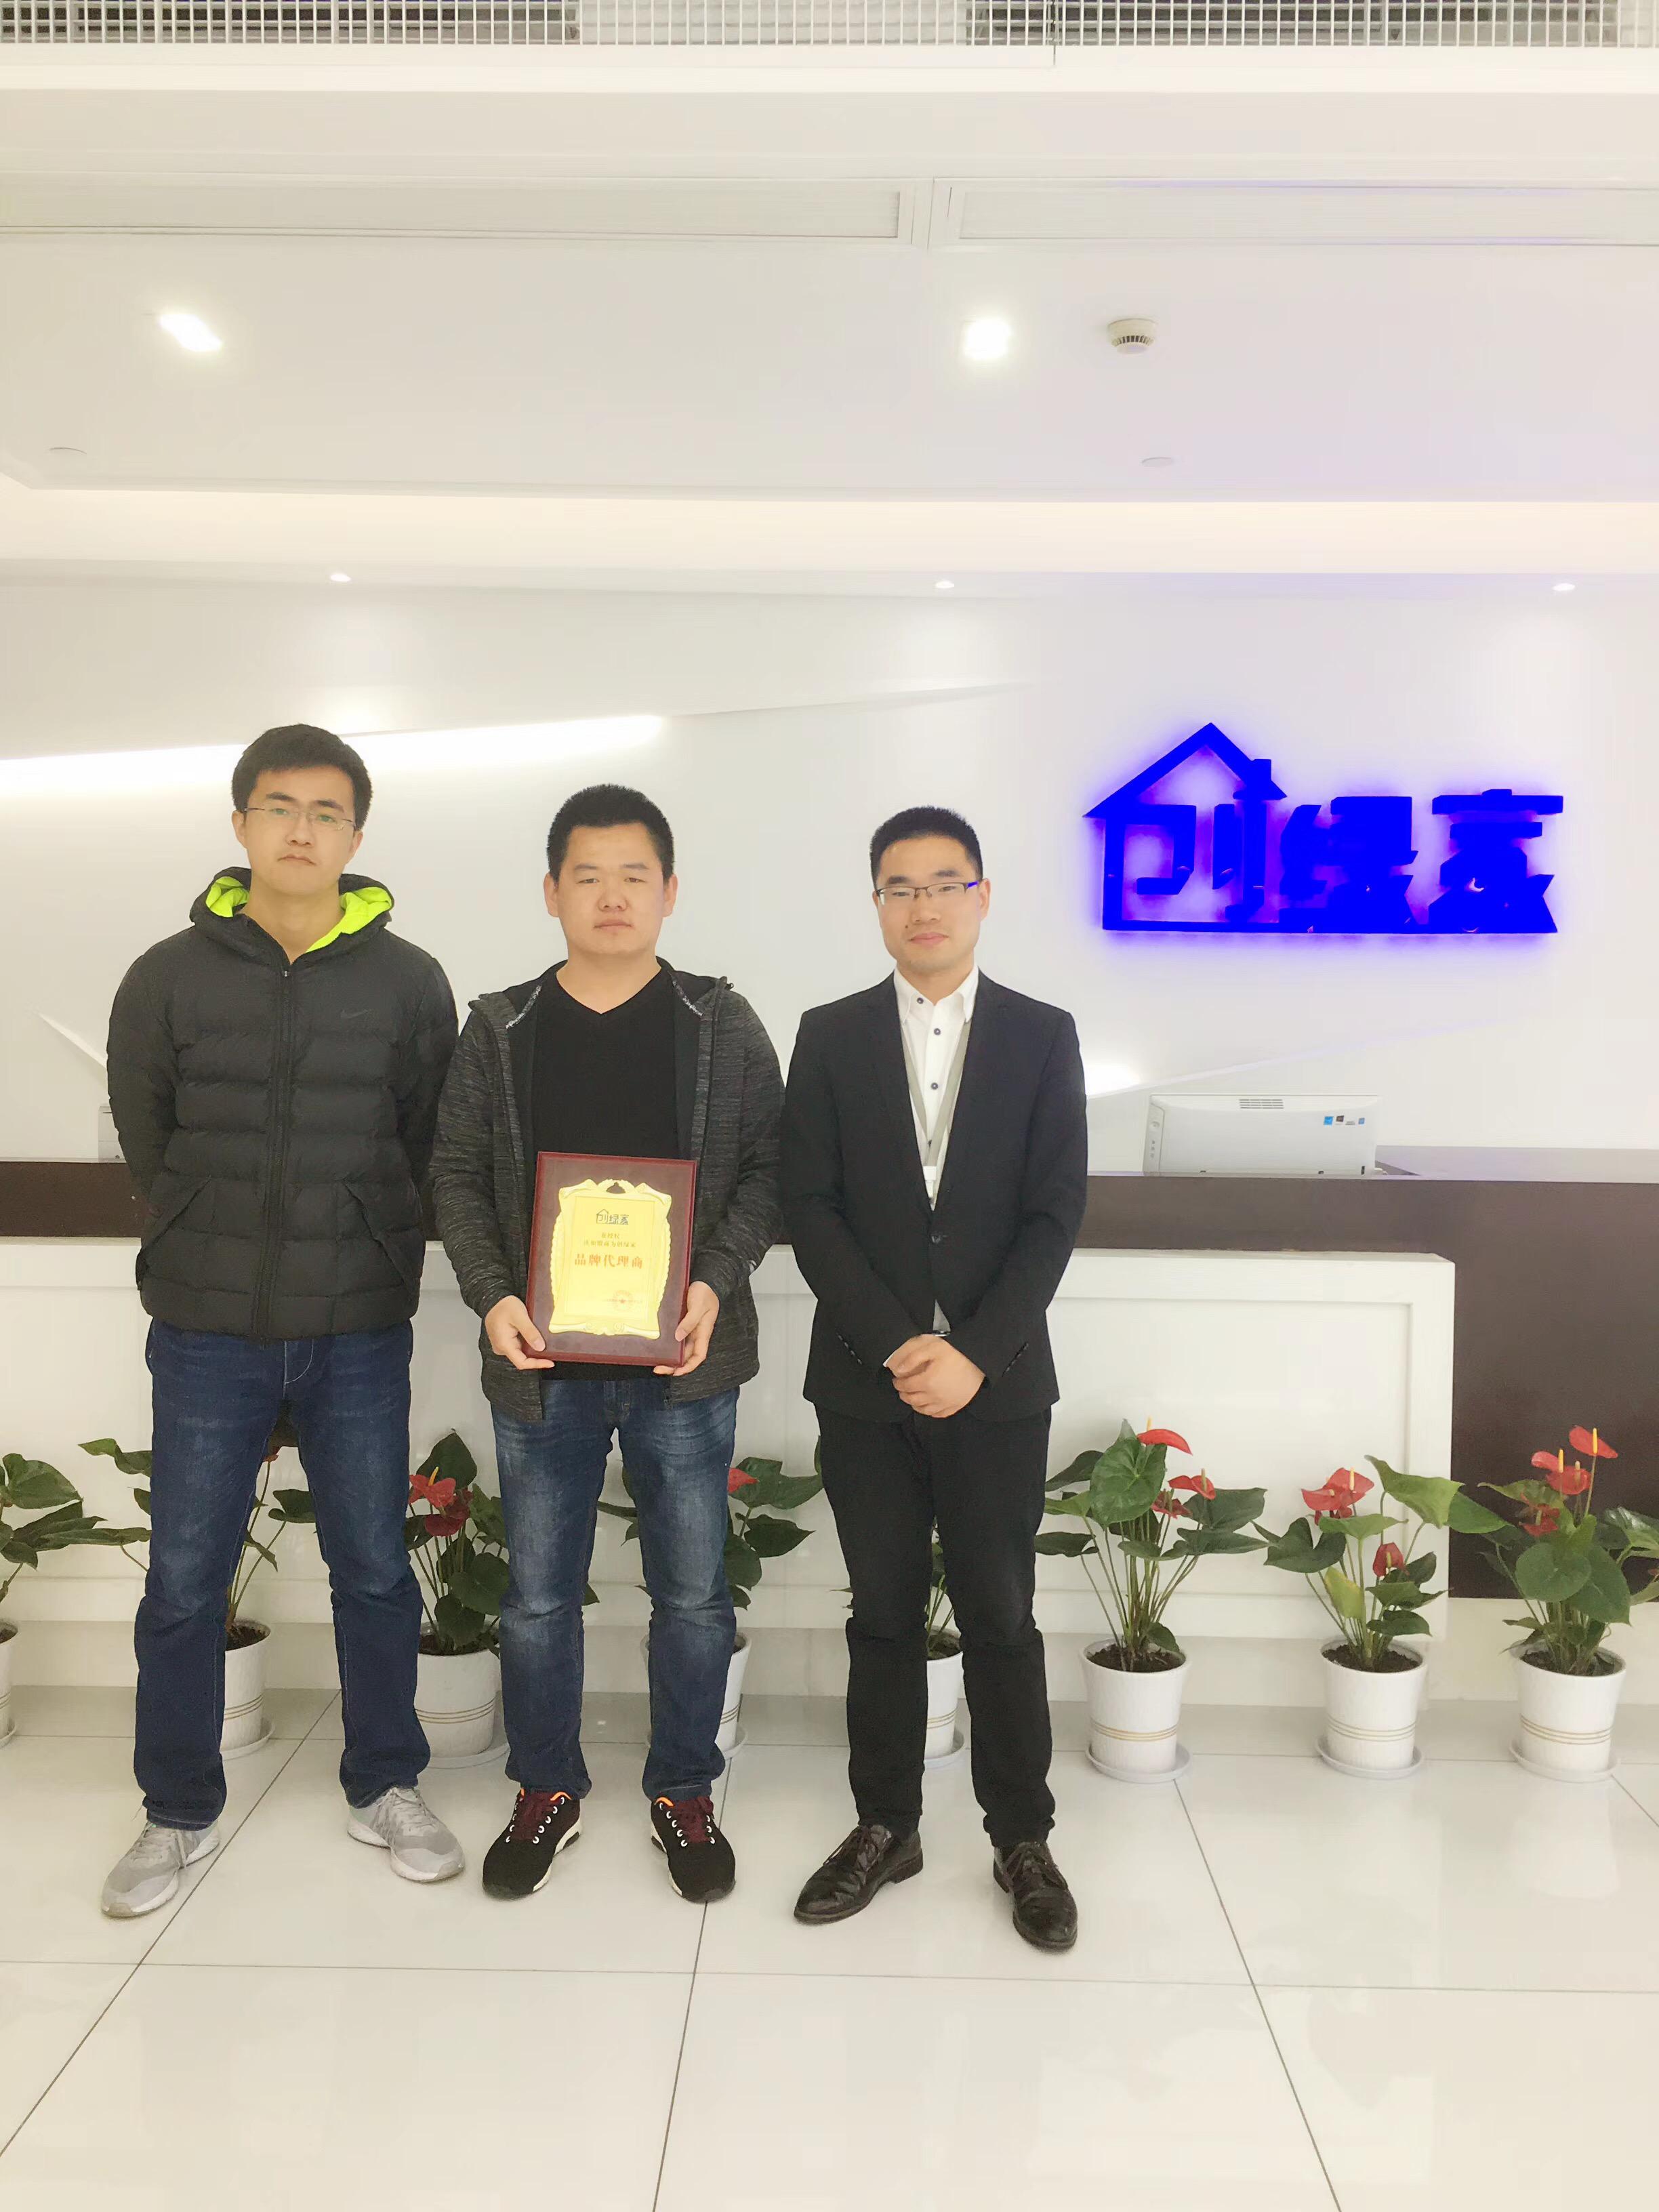 热烈祝贺李总、高总签约加盟优特派尔母公司创绿家东营市区级代理!